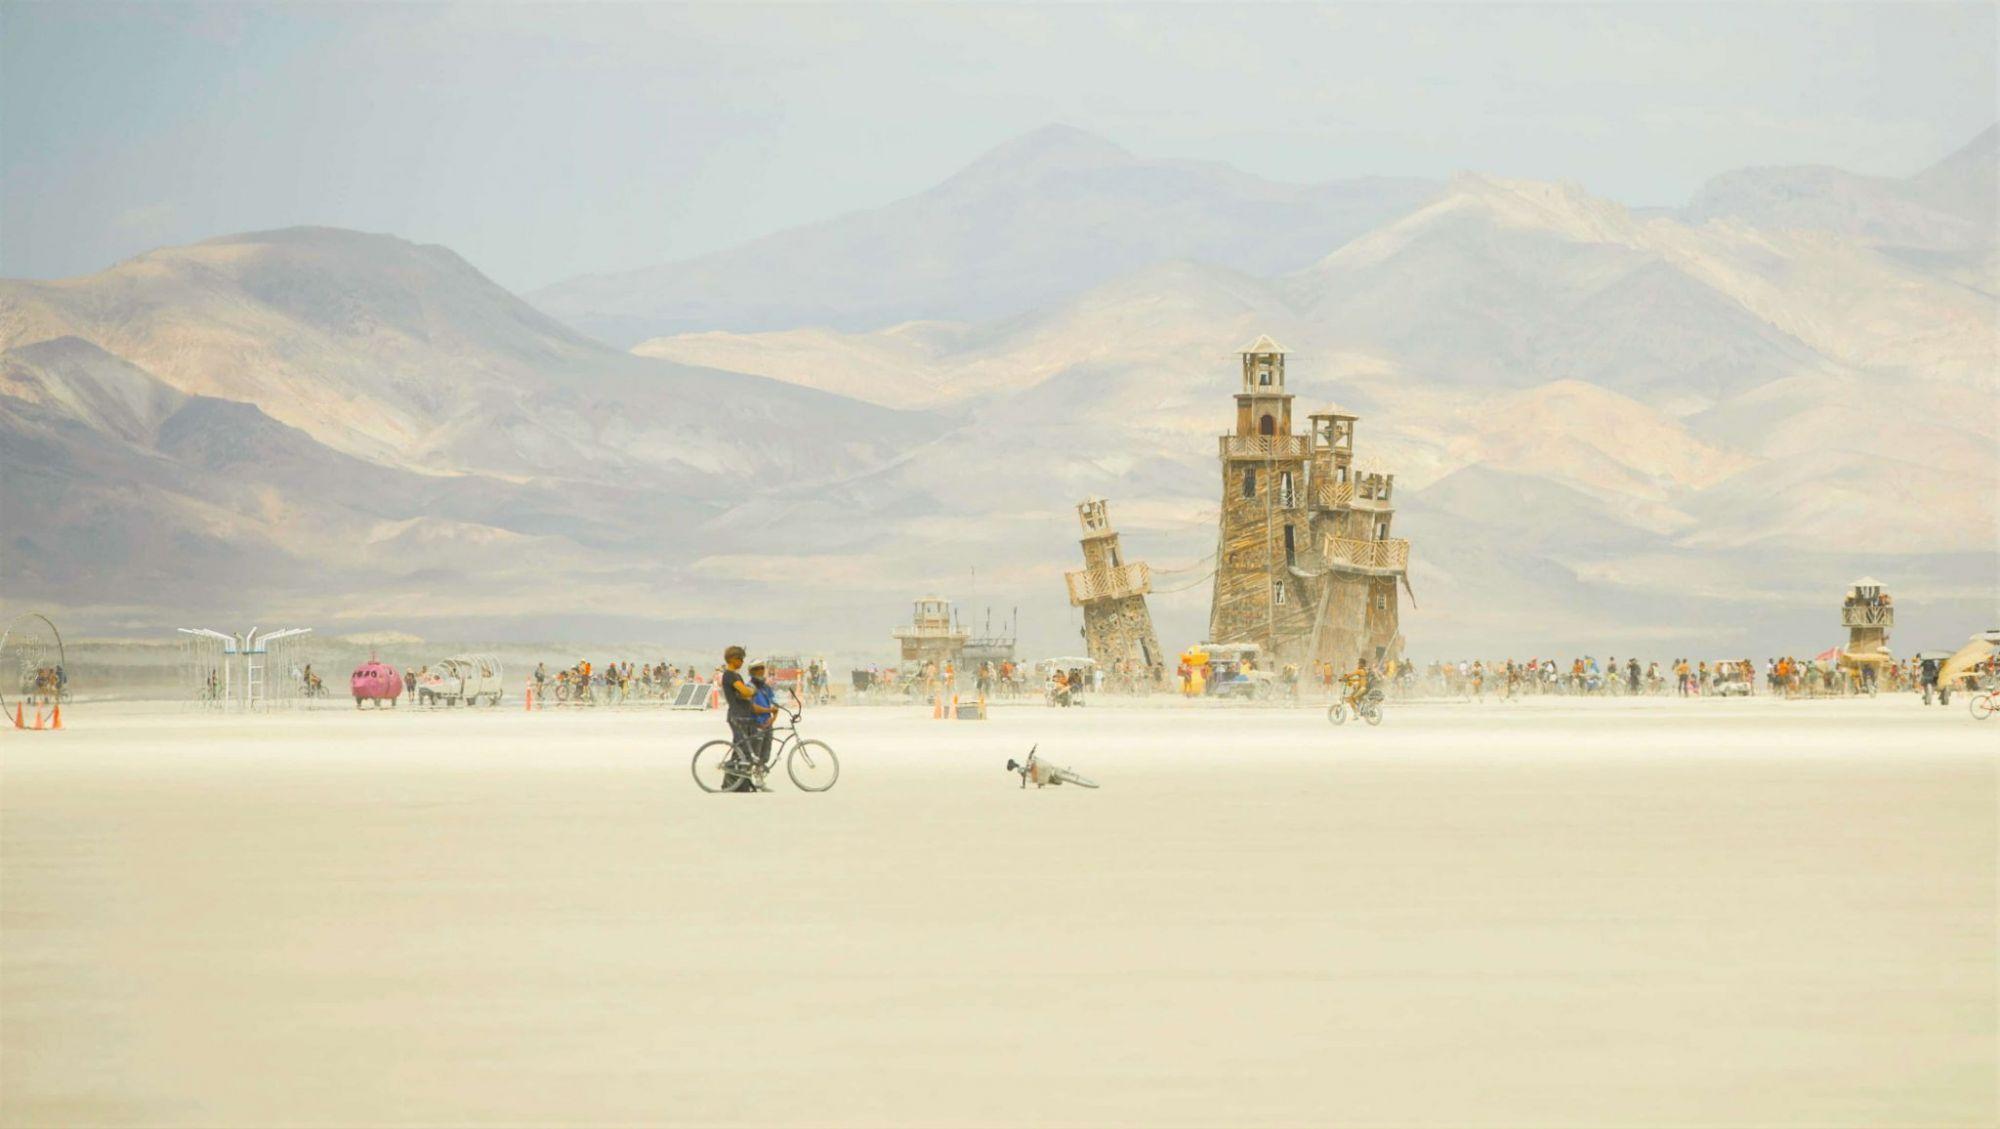 אחד המייצגים המרהיבים של המדבר (צלם מוכשר - תומר פרץ)